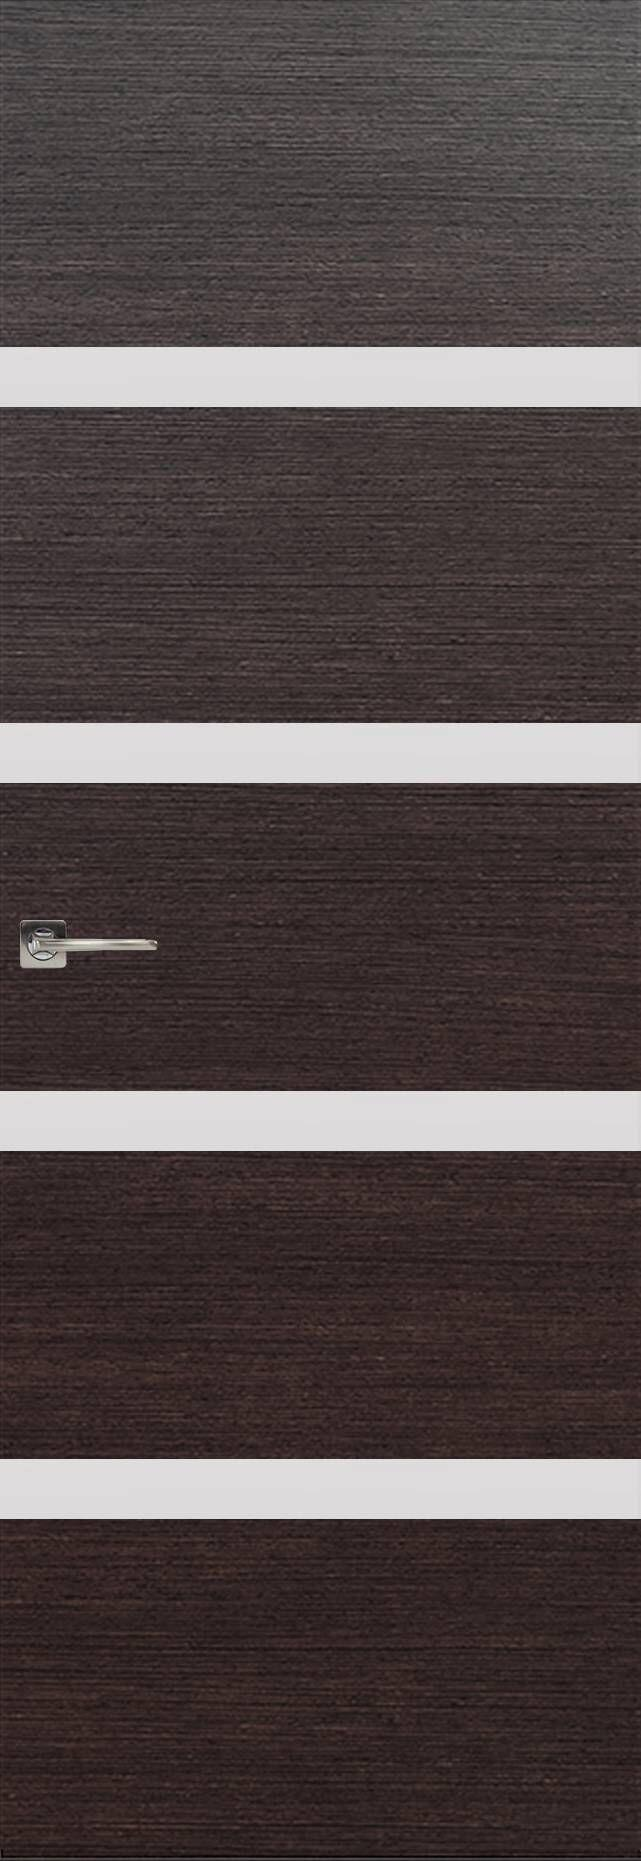 Tivoli Д-4 Invisible цвет - Венге Шоколад Без стекла (ДГ)